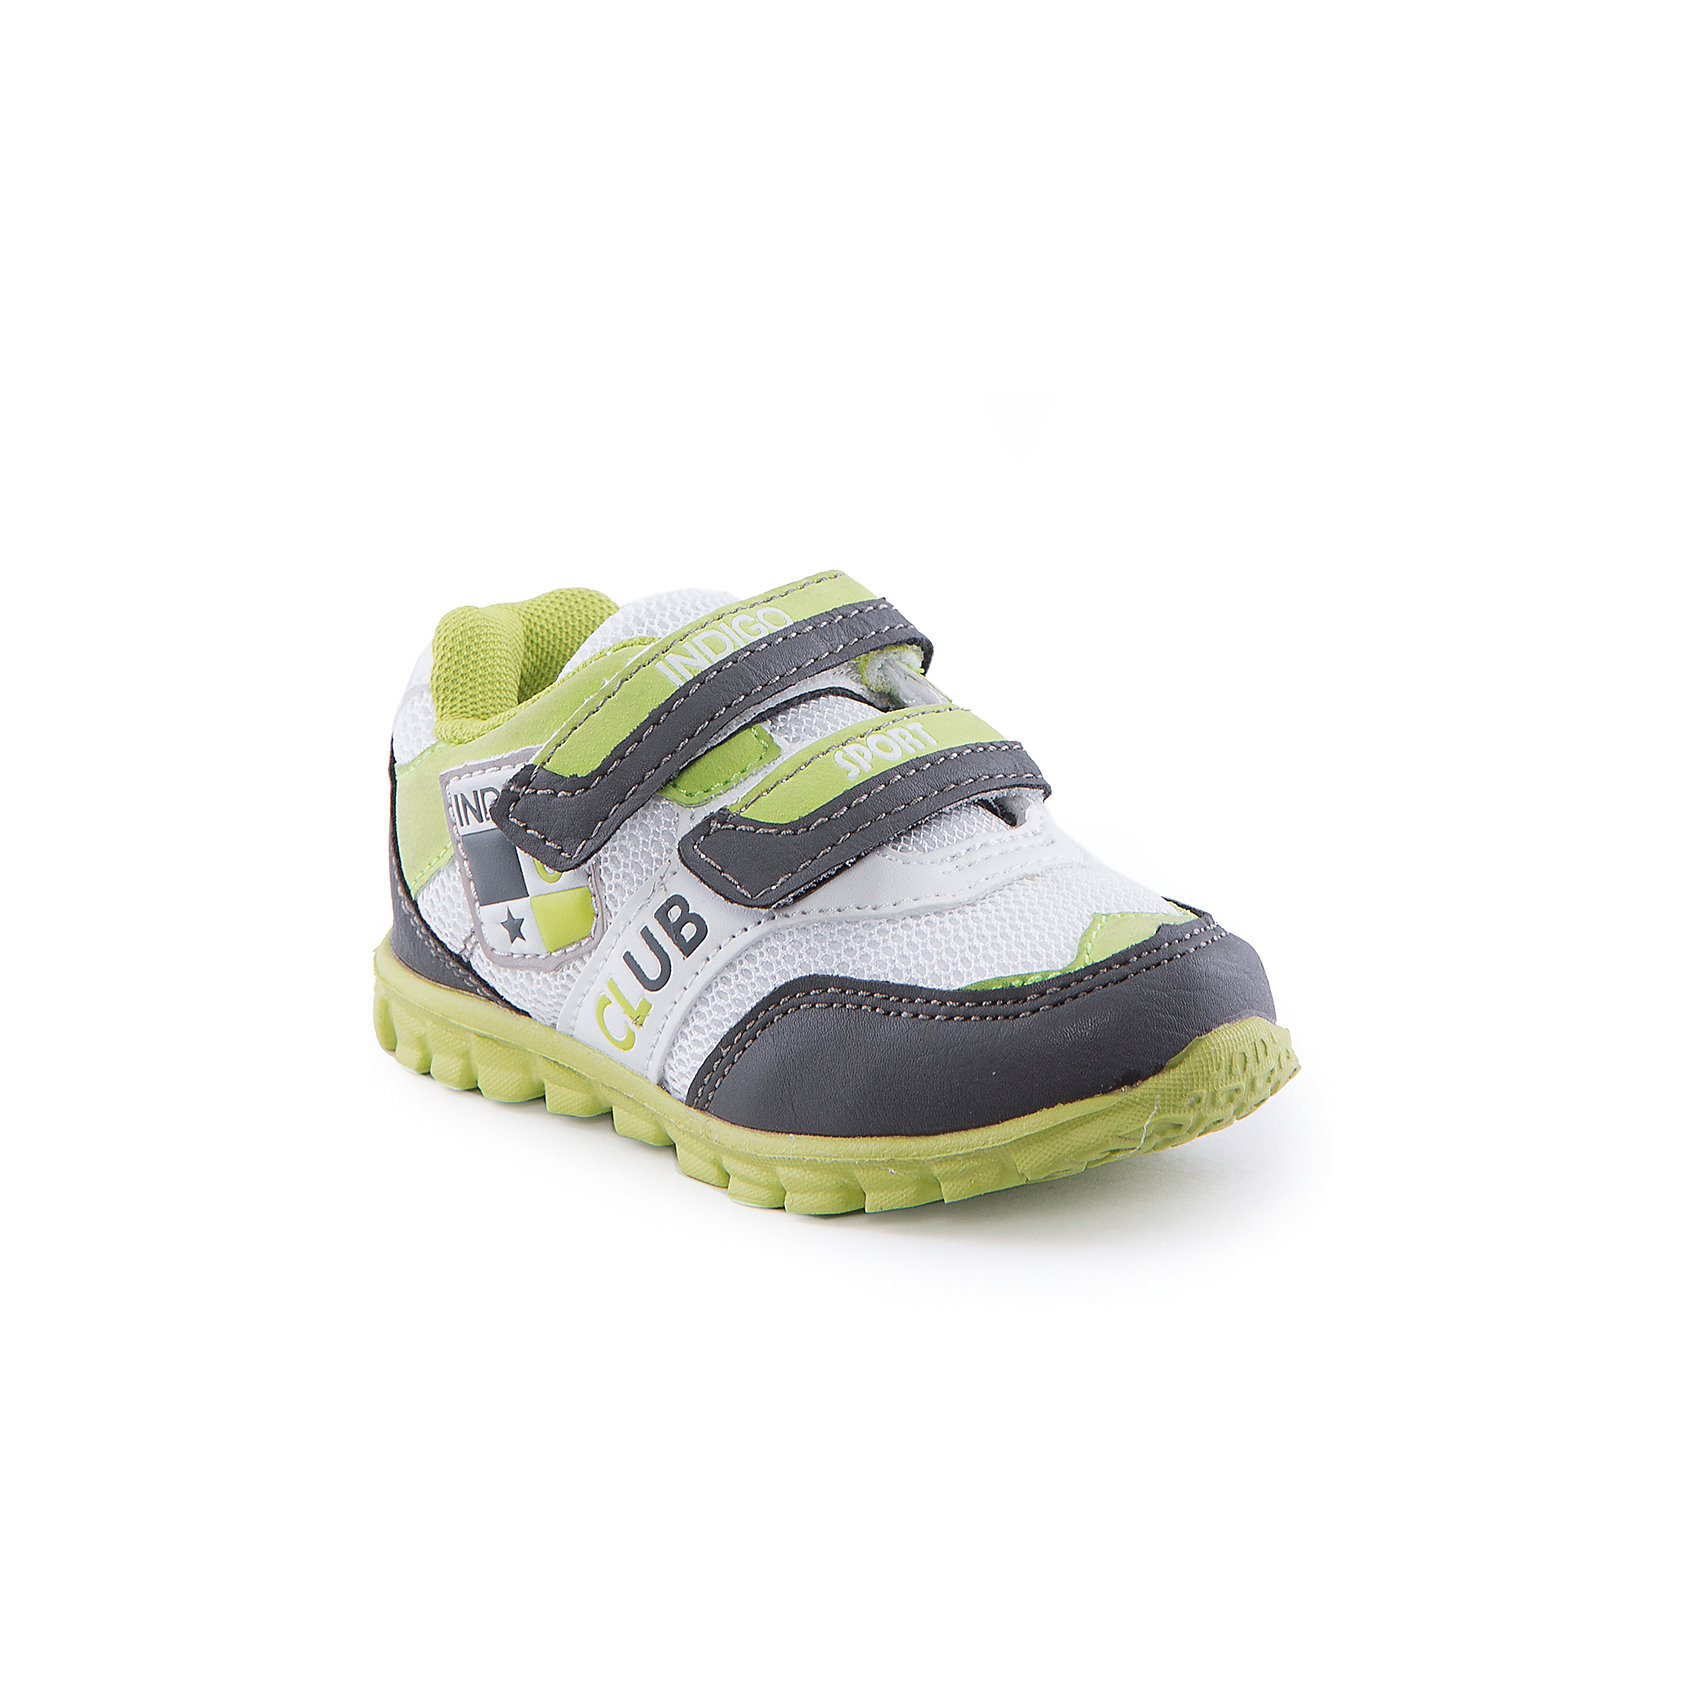 Кроссовки для мальчика Indigo kidsКроссовки<br>Ботинки для мальчика от известного бренда Indigo kids<br><br>Яркие и стильные кроссовки позволяют ножкам ребенка свободно дышать. Они легко надеваются и комфортно садятся по ноге. <br><br>Особенности модели:<br><br>- цвет - салатовый, серый, белый;<br>- стильный дизайн;<br>- удобная колодка;<br>- текстильная подкладка;<br>- украшены яркими вставками;<br>- устойчивая подошва;<br>- дышащая ткань;<br>- застежки: липучки.<br><br>Дополнительная информация:<br><br>Температурный режим:<br>от +10° С до +20° С<br><br>Состав:<br><br>верх – искусственная кожа/текстиль;<br>подкладка - текстиль;<br>подошва - ТЭП.<br><br>Ботинки для мальчика Indigo kids (Индиго Кидс) можно купить в нашем магазине.<br><br>Ширина мм: 262<br>Глубина мм: 176<br>Высота мм: 97<br>Вес г: 427<br>Цвет: серый<br>Возраст от месяцев: 12<br>Возраст до месяцев: 15<br>Пол: Мужской<br>Возраст: Детский<br>Размер: 21,26,25,24,23,22<br>SKU: 4520216